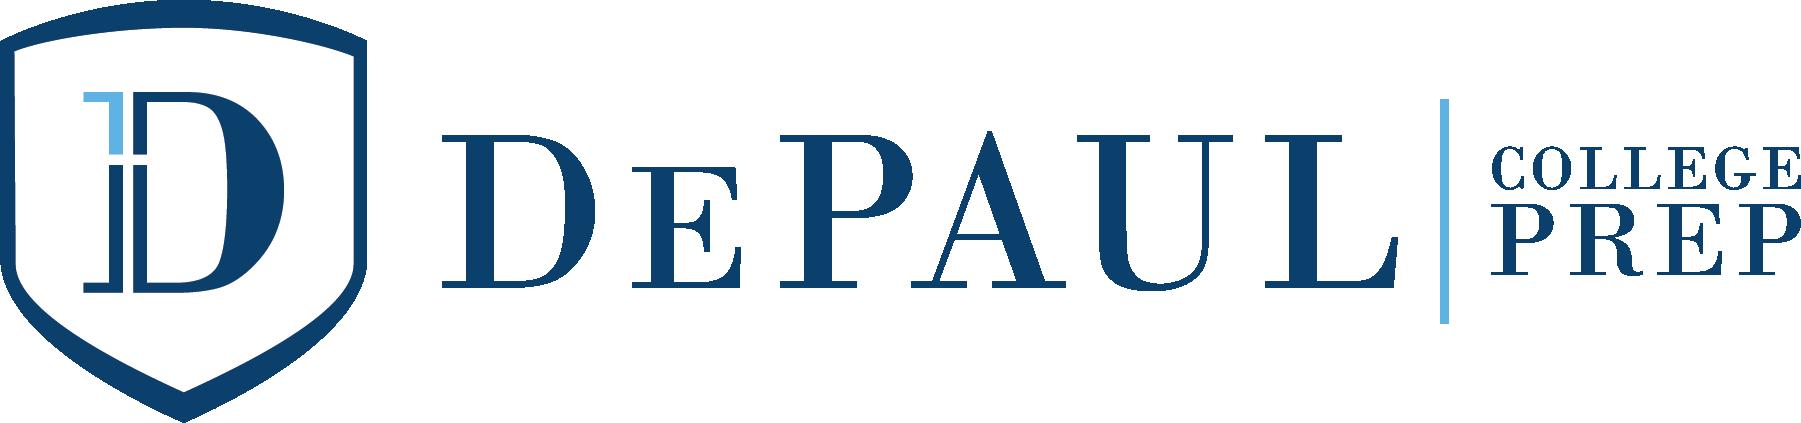 DePaul Prep Logo